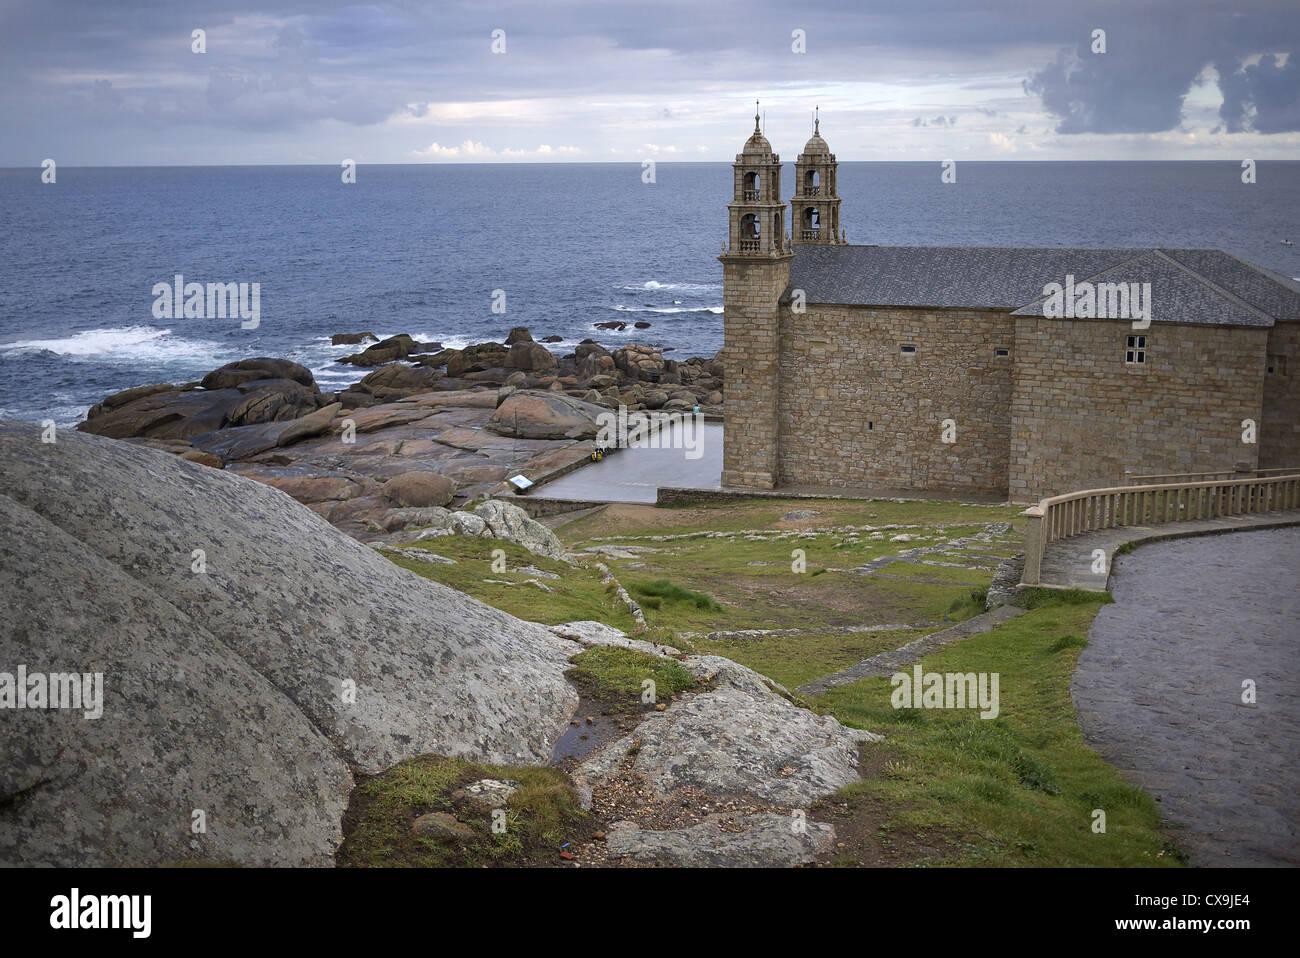 Santuario de la Virxen de Barca in Muxia, Spain. - Stock Image